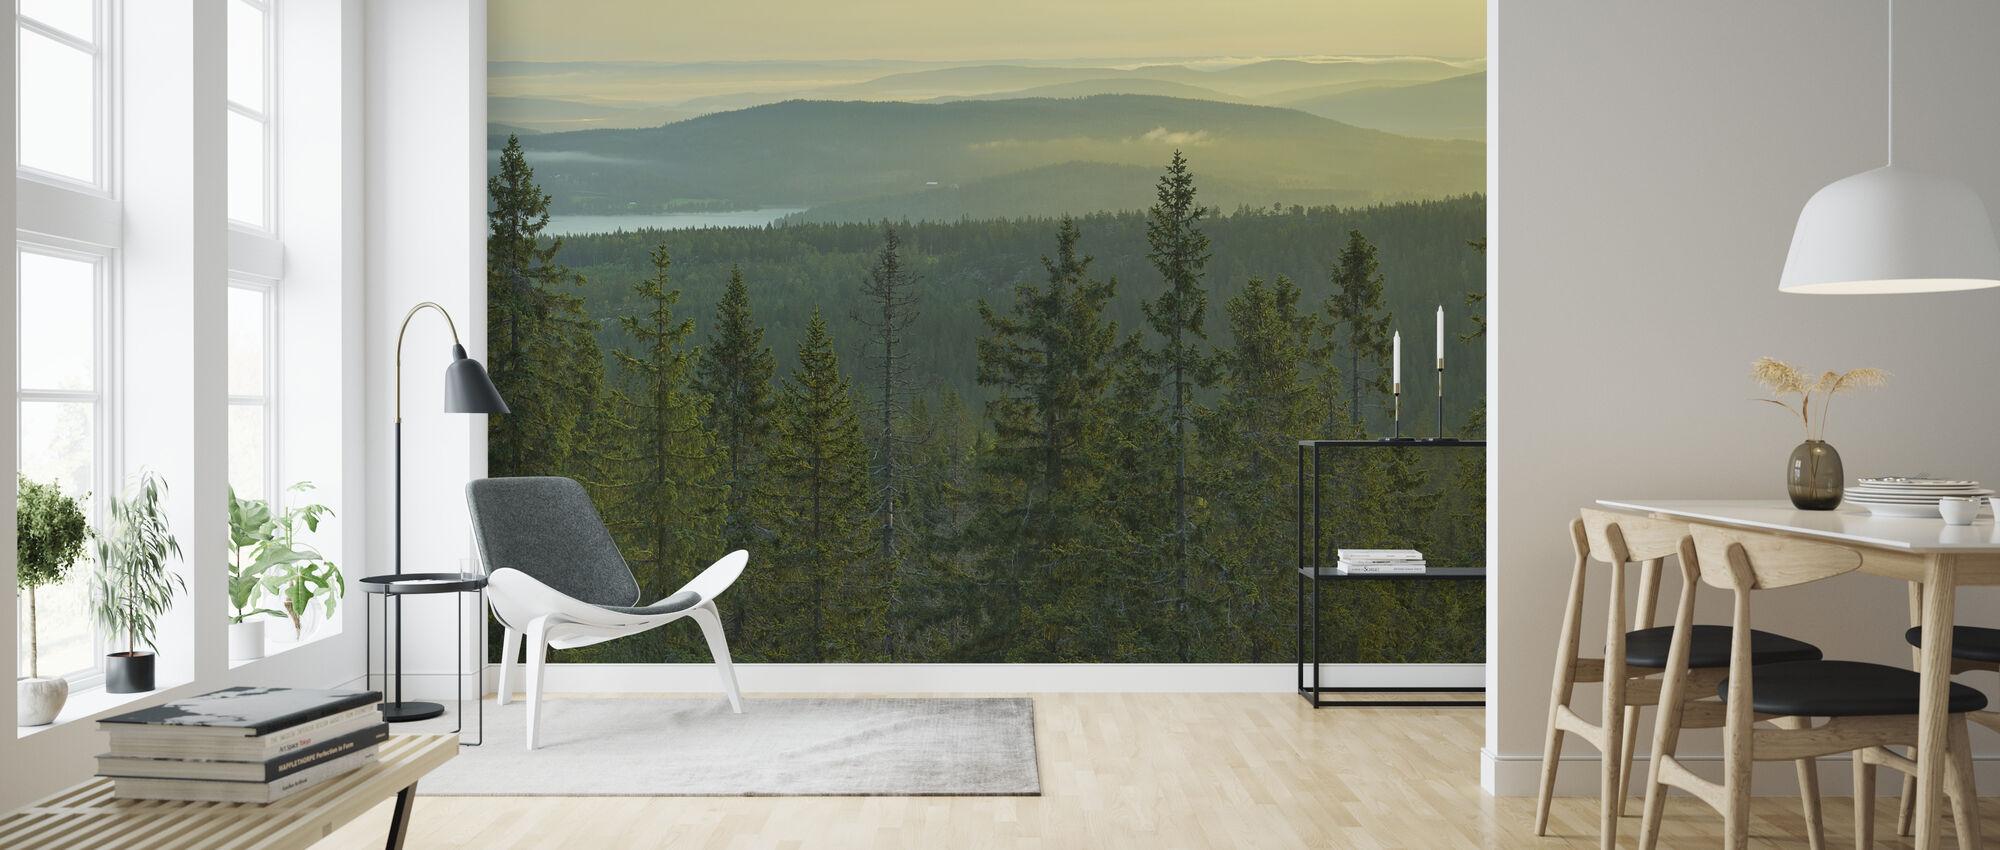 Spruce Tops in Skuleskogen National Park, Sweden - Wallpaper - Living Room